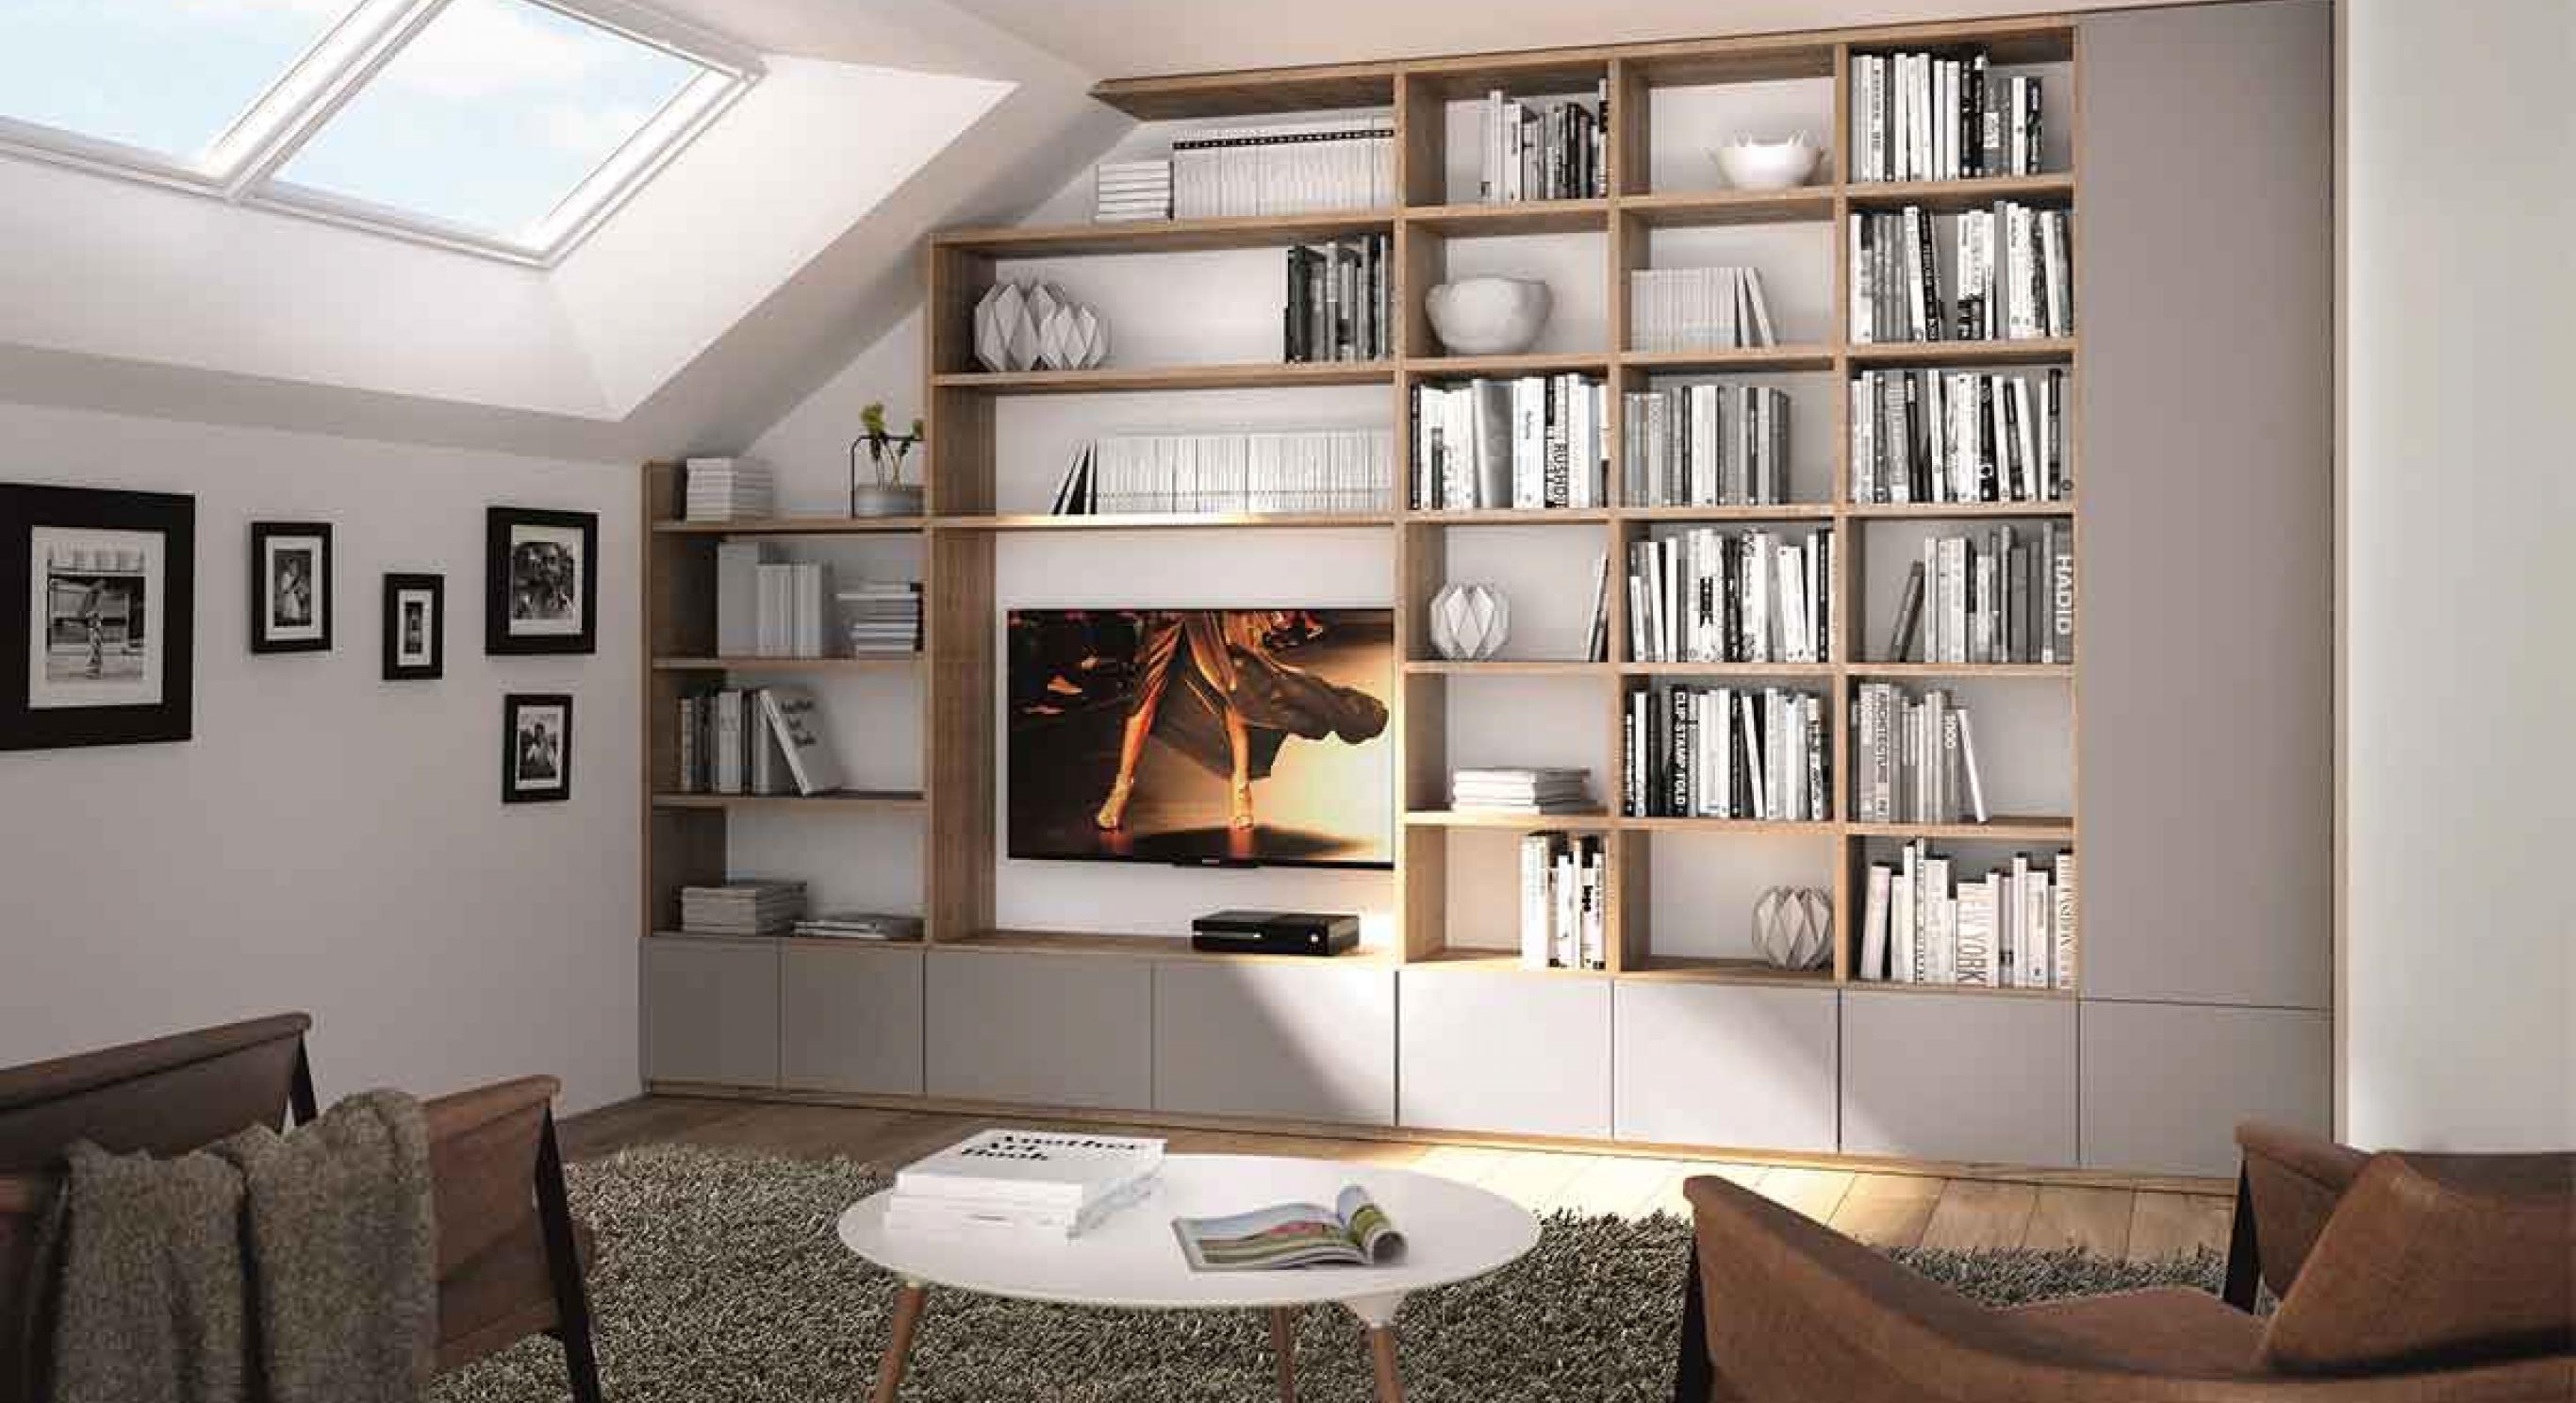 Coût Bibliothèque Sur Mesure bibliothèques sur-mesure | meubles celio, fabricant français